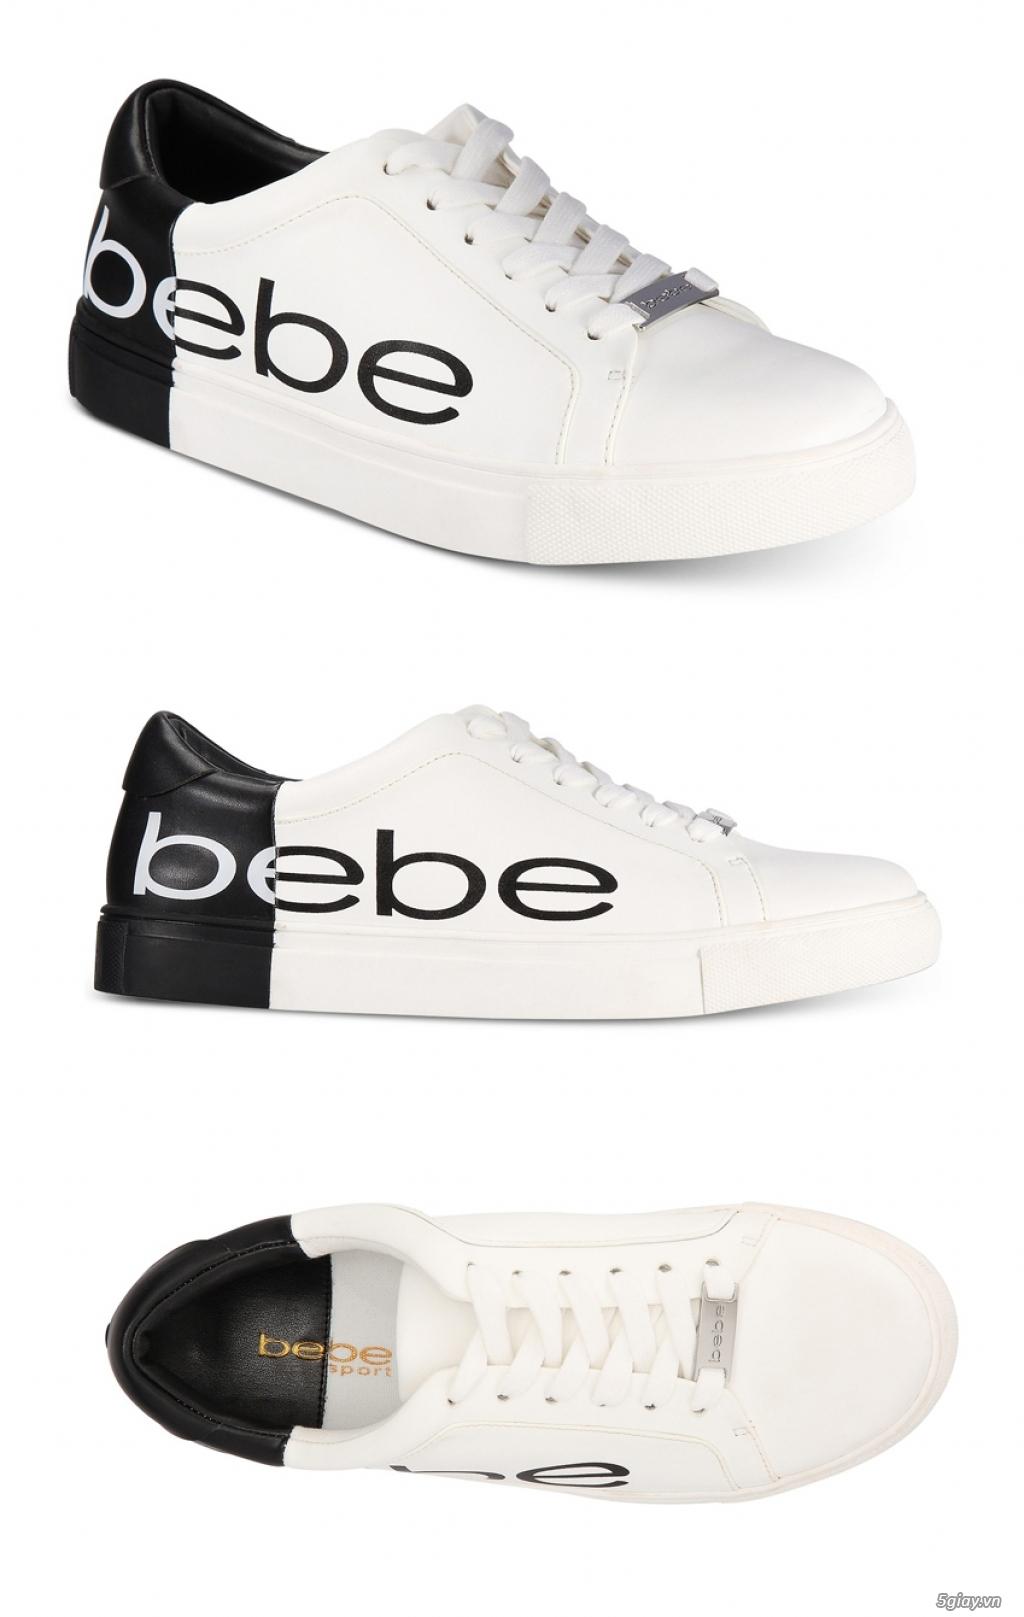 Mình xách/gửi giày Nike, Skechers, Reebok, Polo, Converse, v.v. từ Mỹ. - 46